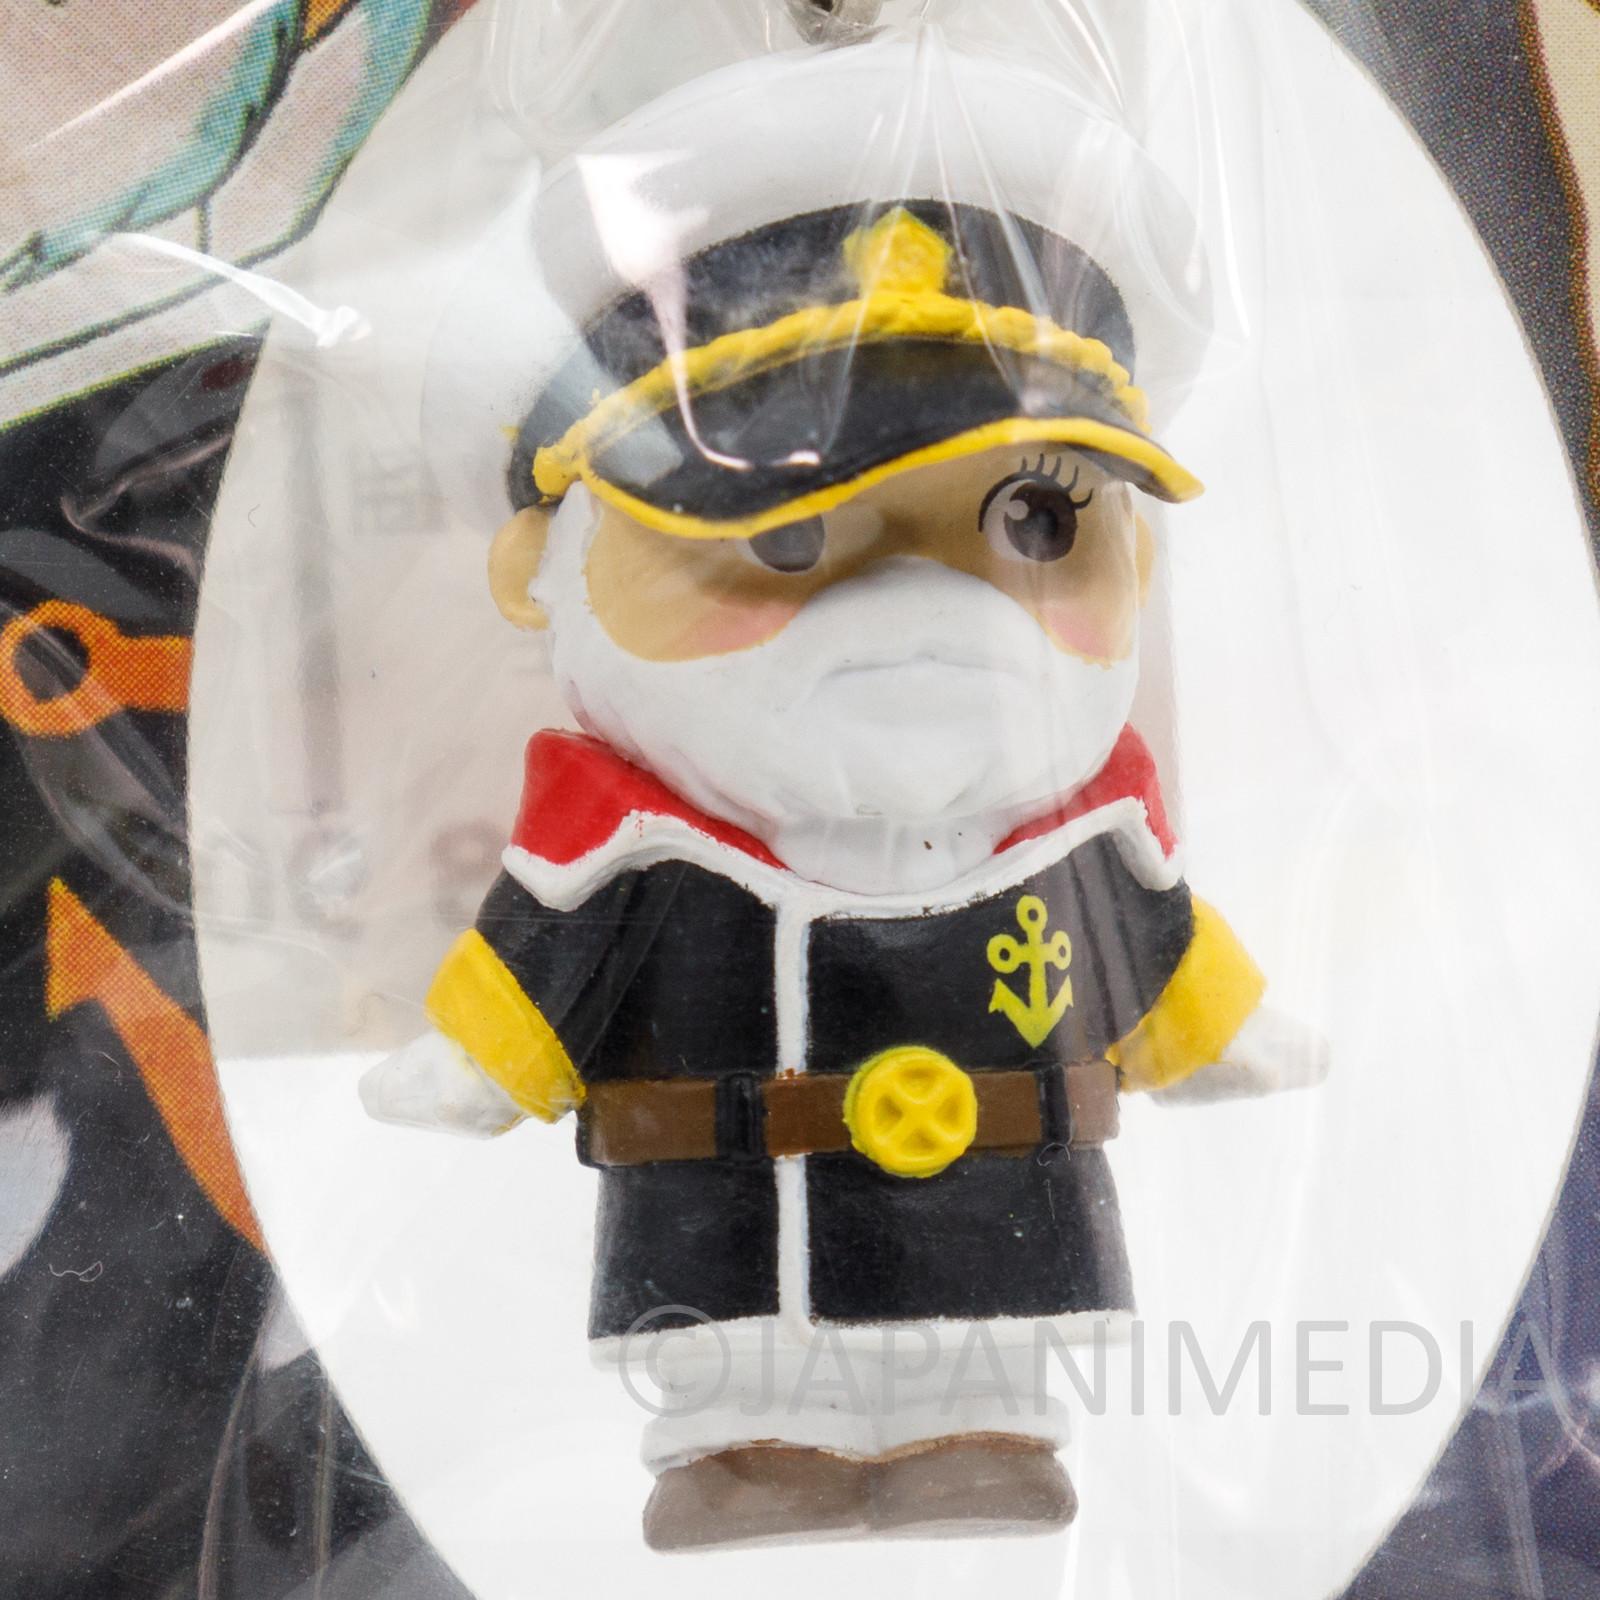 Space Battleship YAMATO Captain Okita Rose O'neill Kewpie Kewsion Strap JAPAN